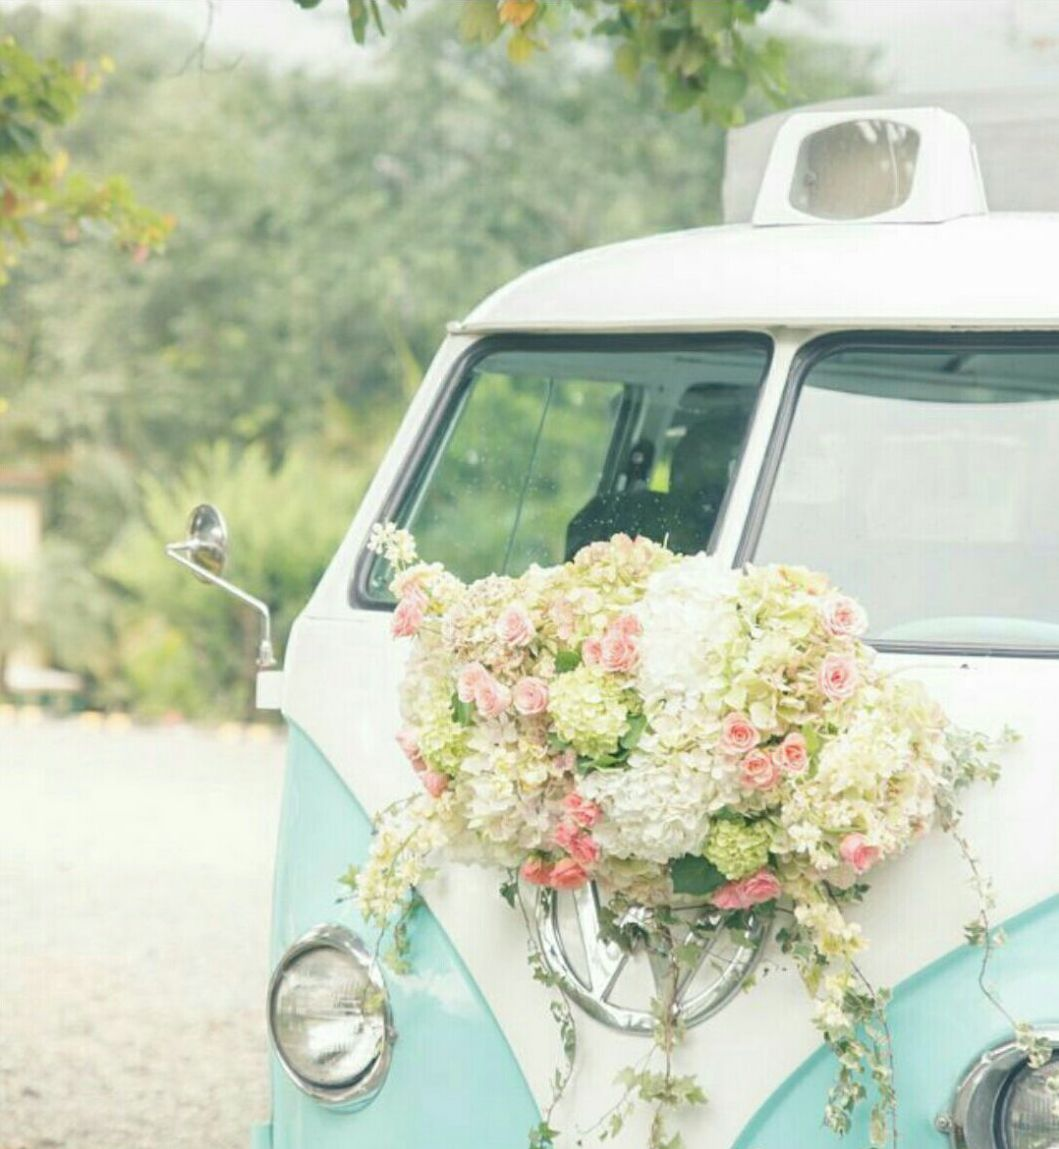 Romántico  (Para auto de bodas)